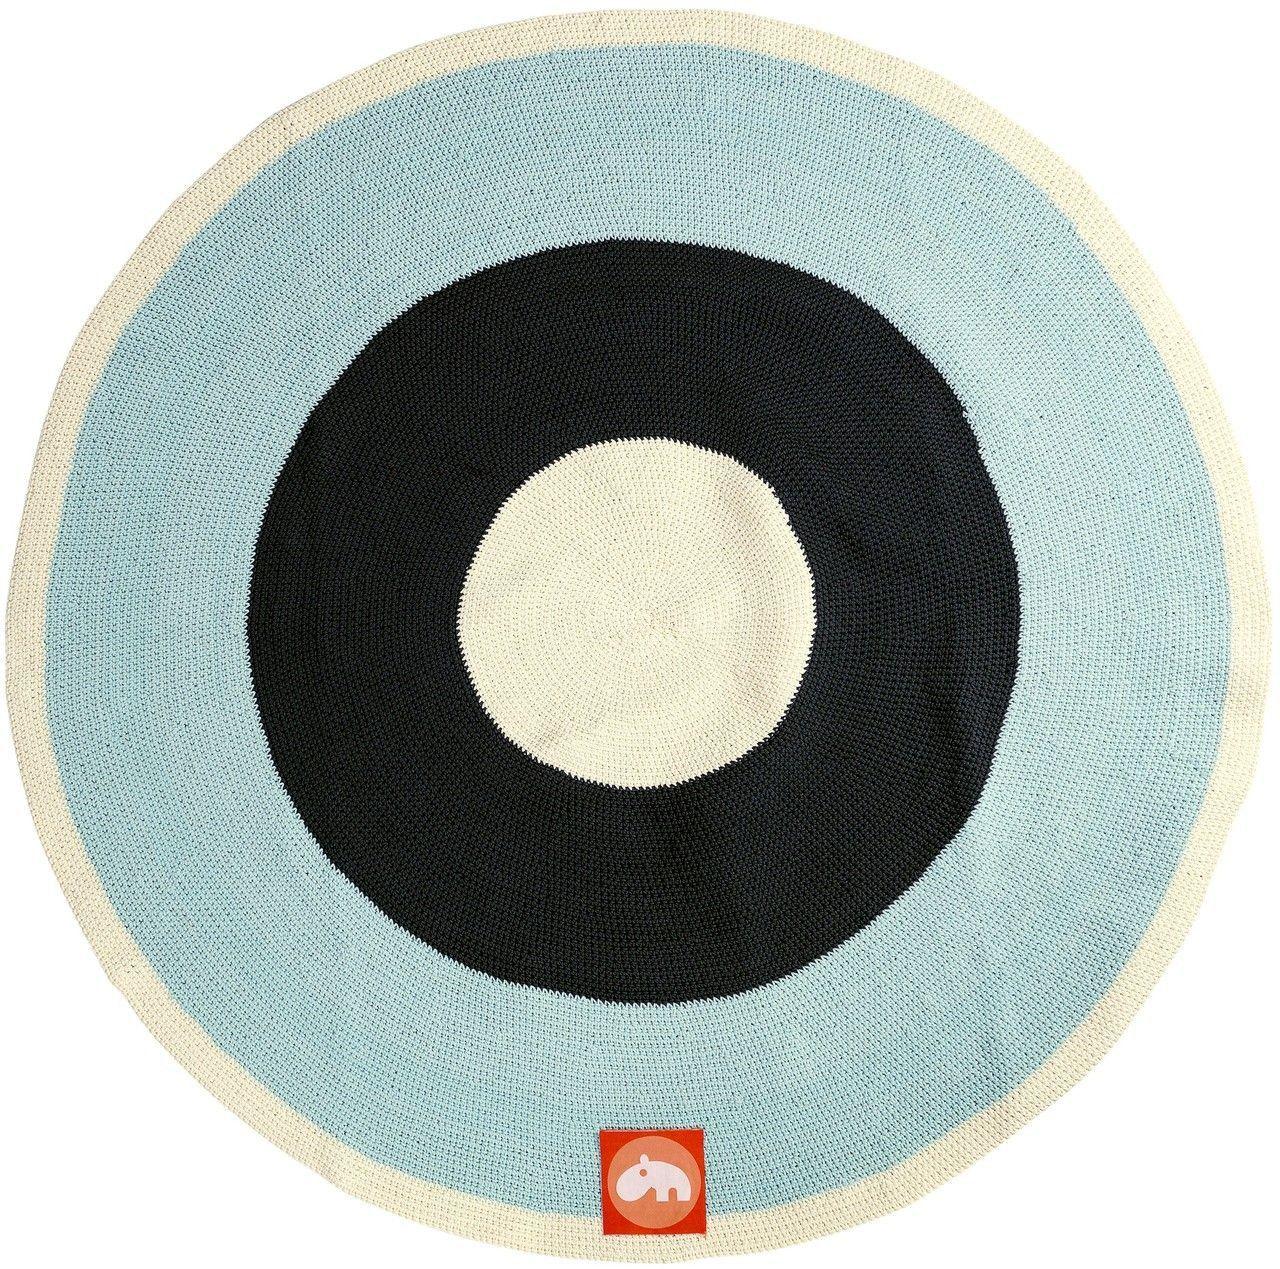 Kinderteppich blau rund  Teppich rund Blau Done by Deer - Kleine Fabriek | baby | Pinterest ...